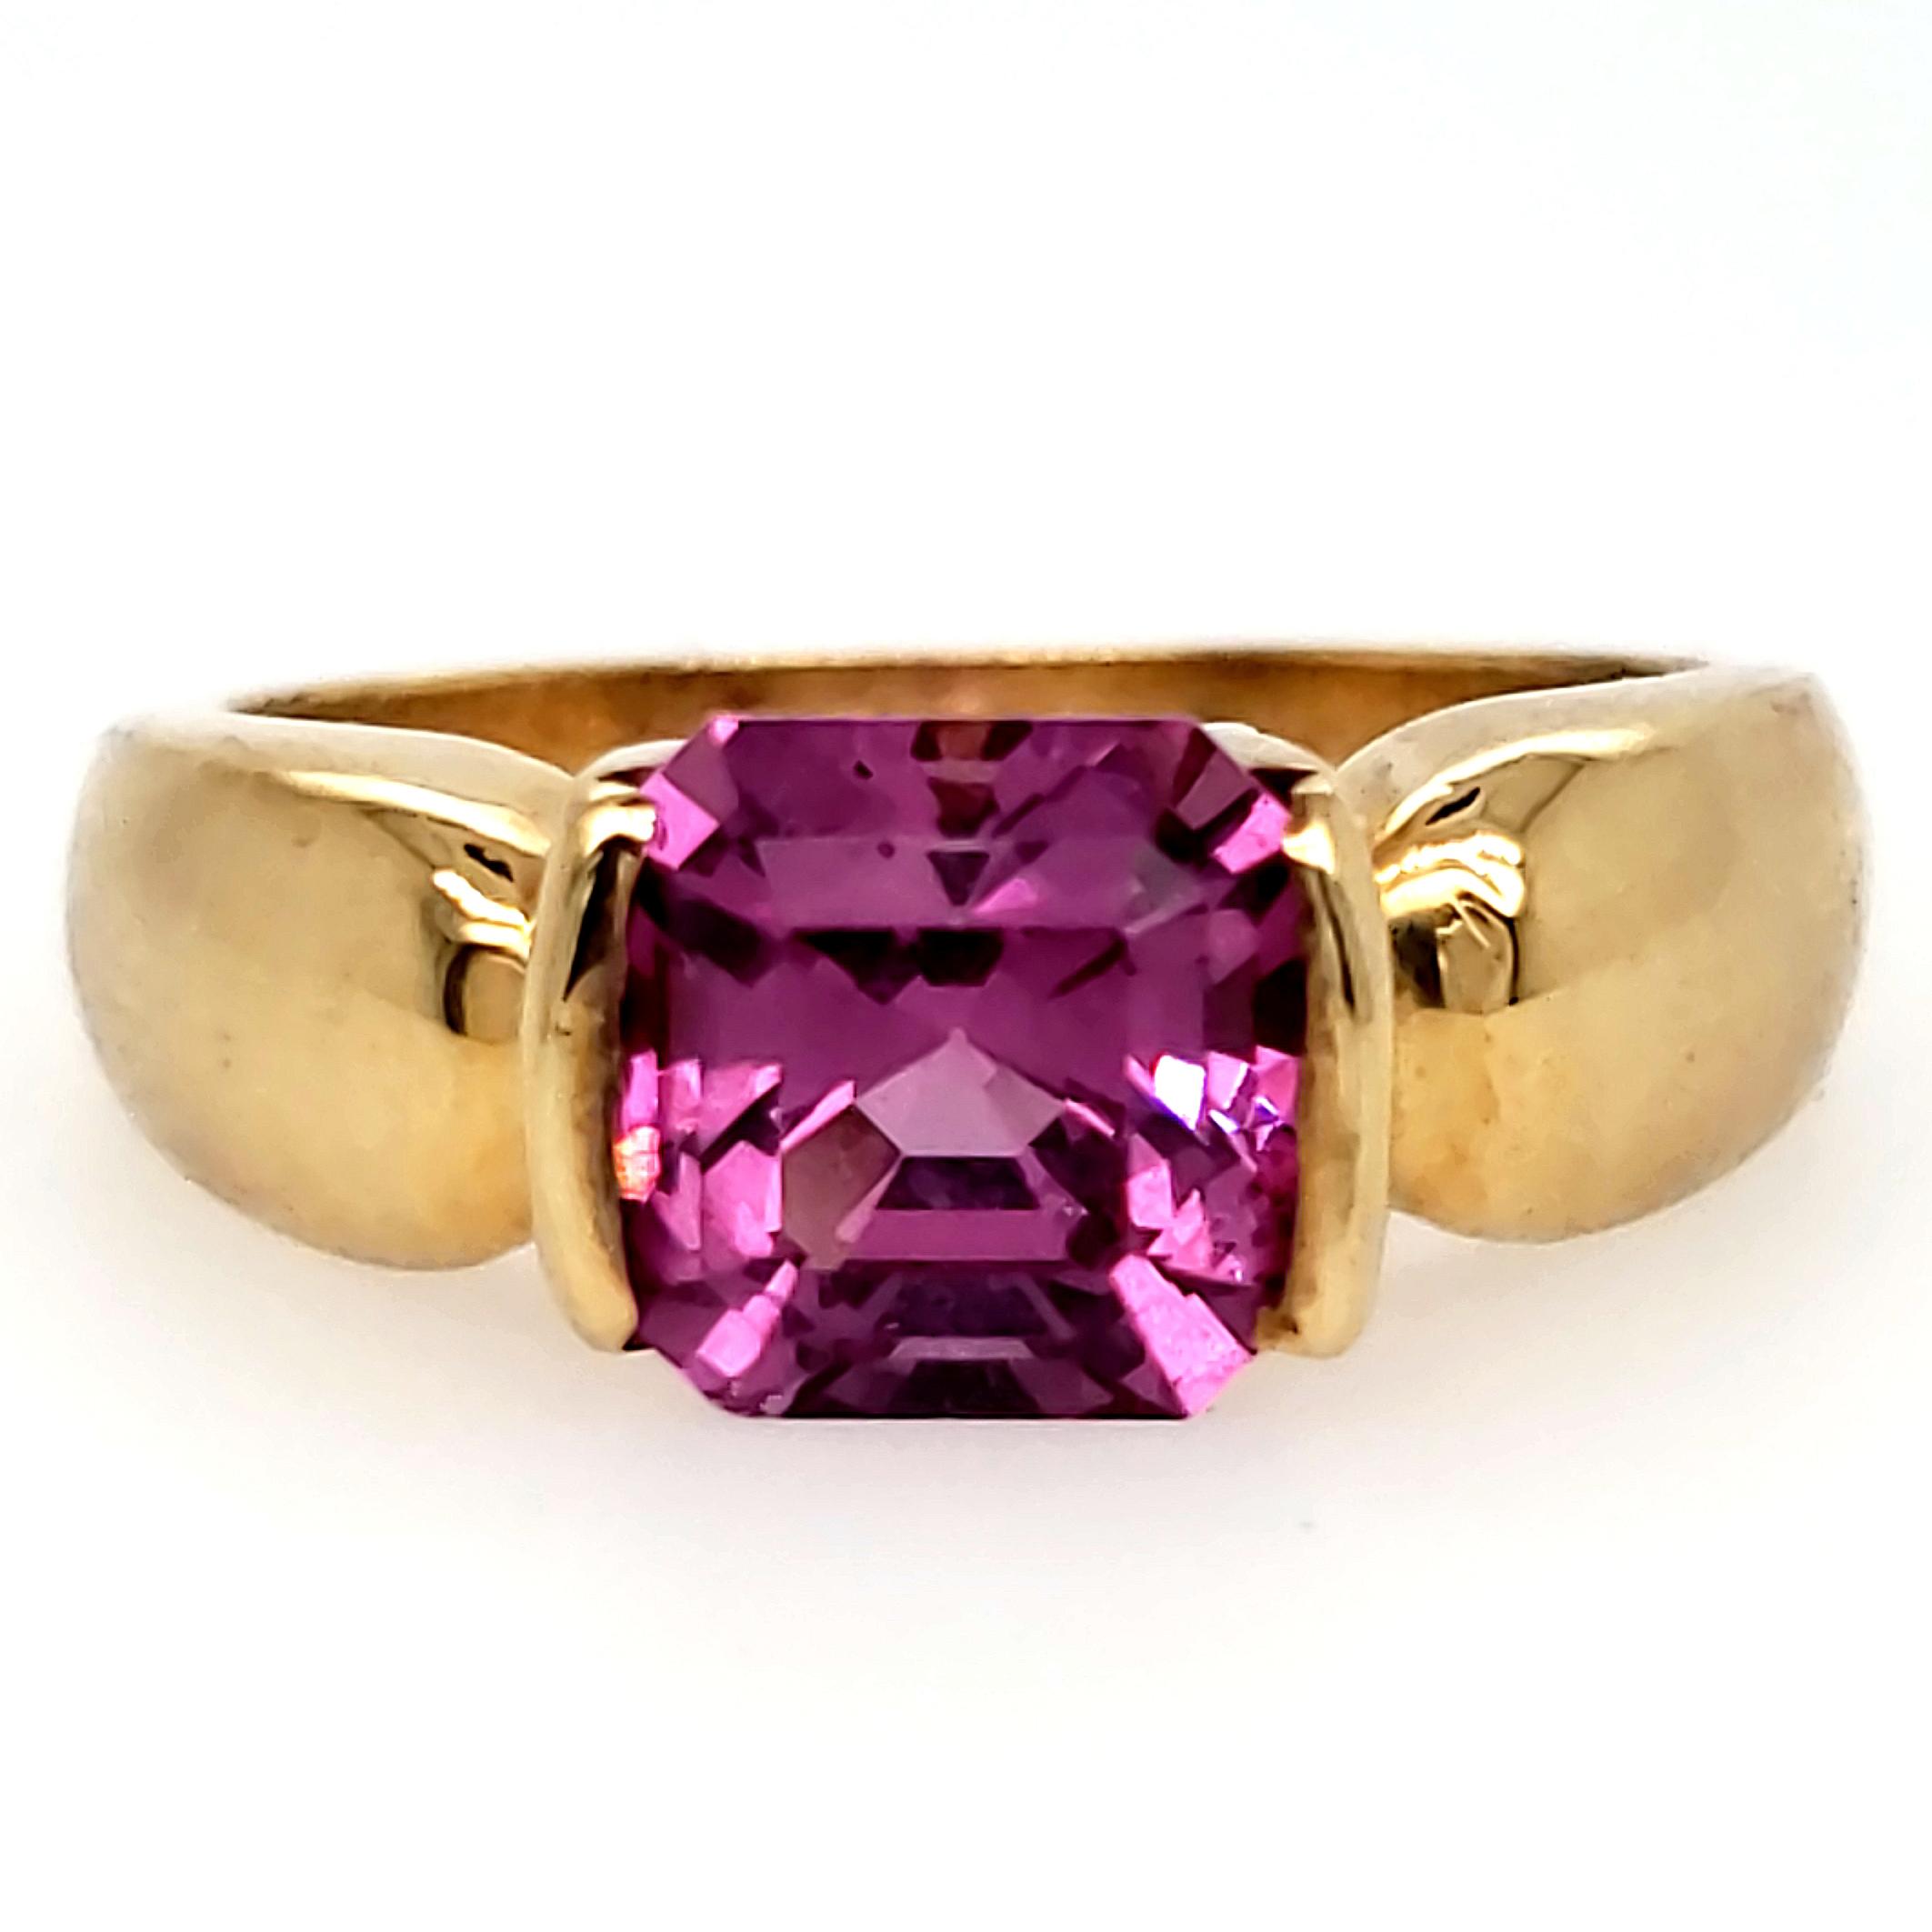 Rhodolite Garnet Solitaire Ring